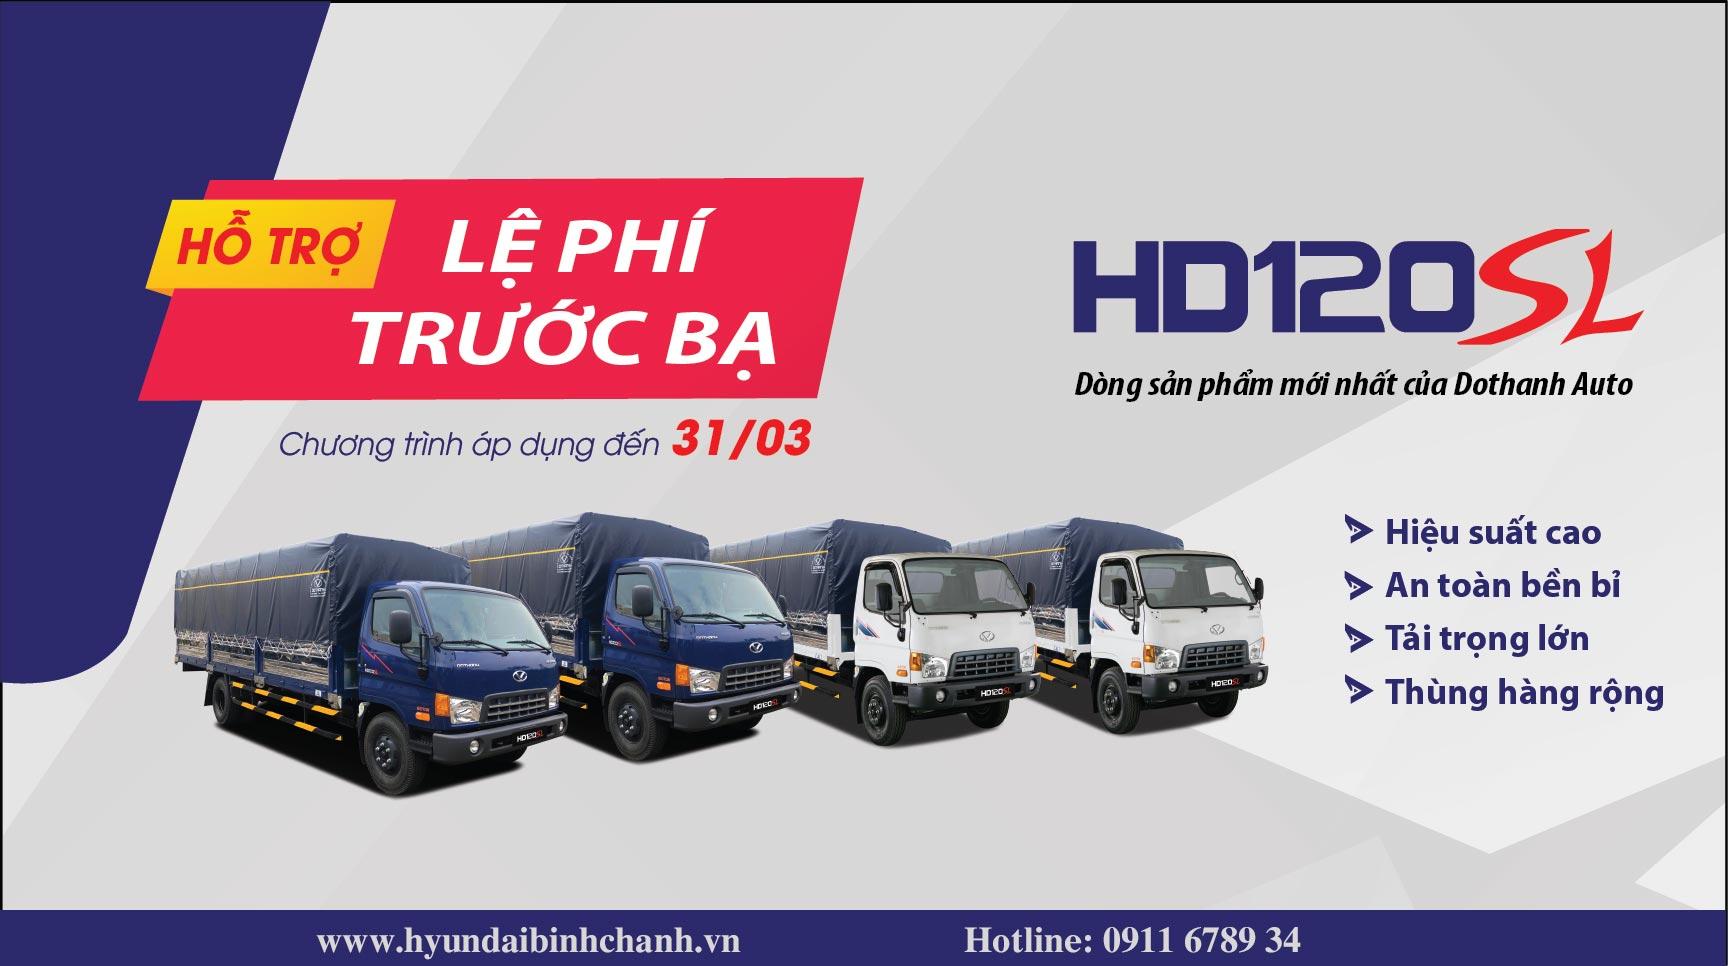 khuyen-mai-truoc-ba-hd120sl Hyundai Bình Chánh khuyến mãi 100% thuế trước bạ cho tất cả các dòng Hyundai HD120SL 8 tấn thùng 6,3 mét | Hyundai Phú Lâm